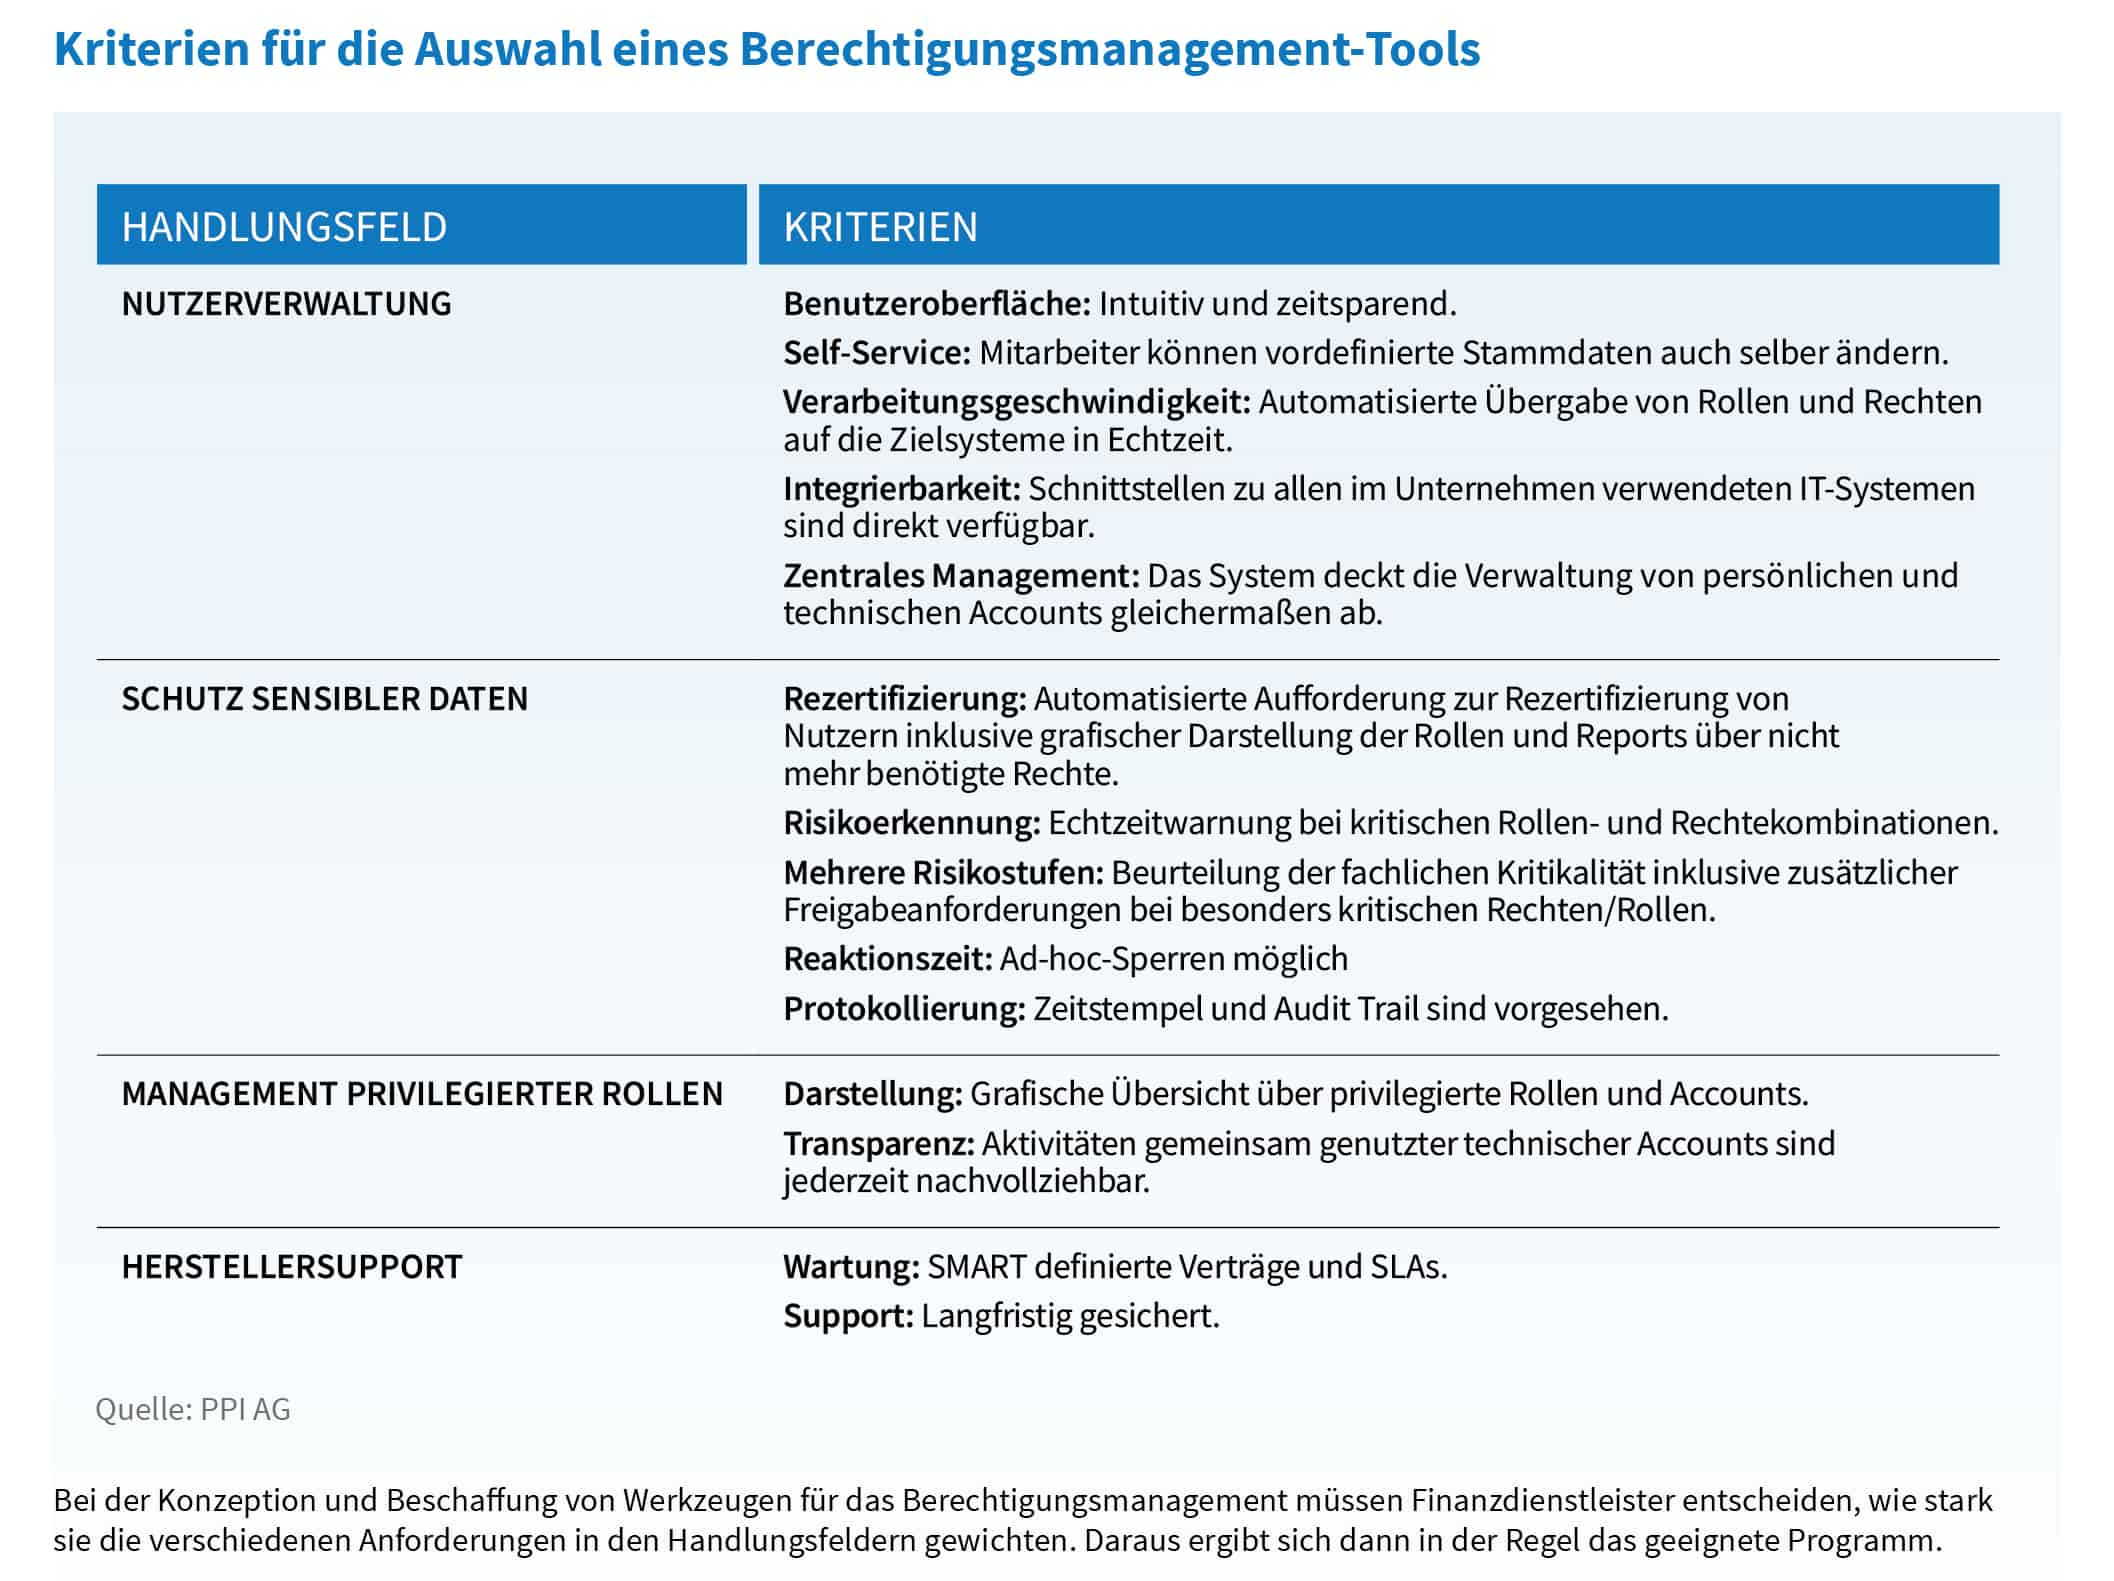 Kriterien für Berechtigungsmanagement-Tools